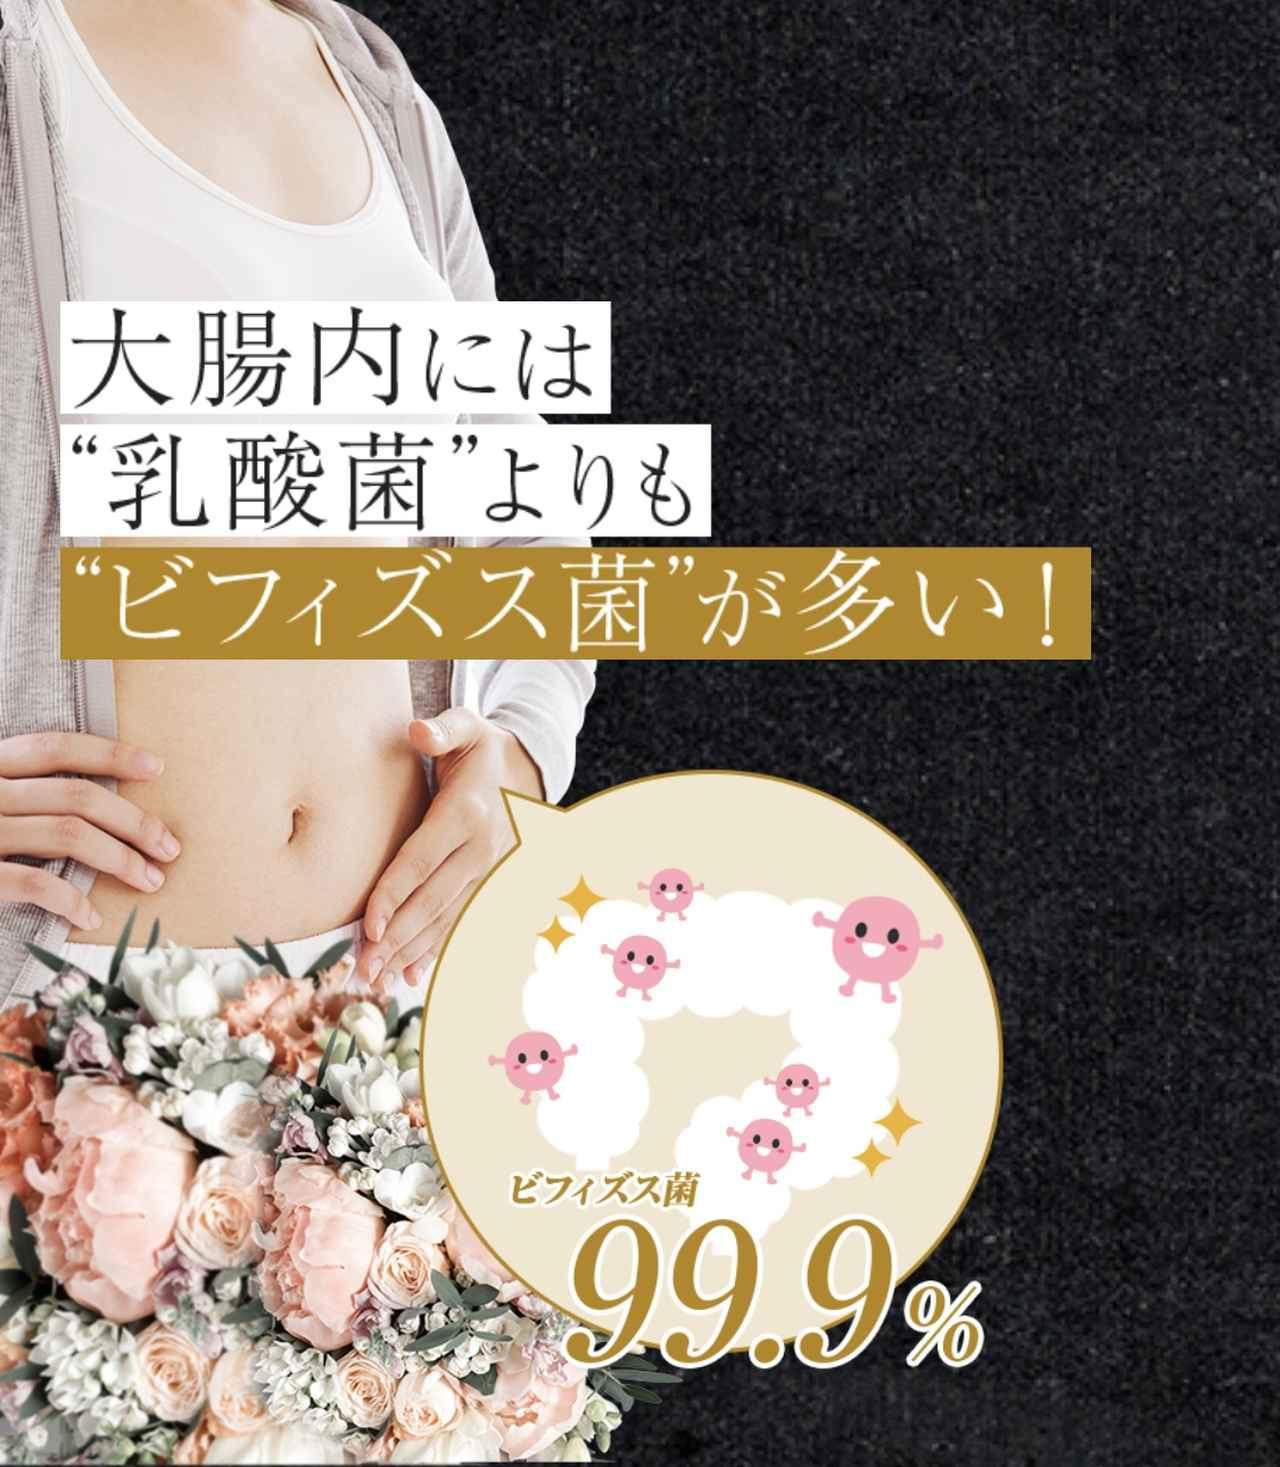 画像2: beauty.withus-corp.jp